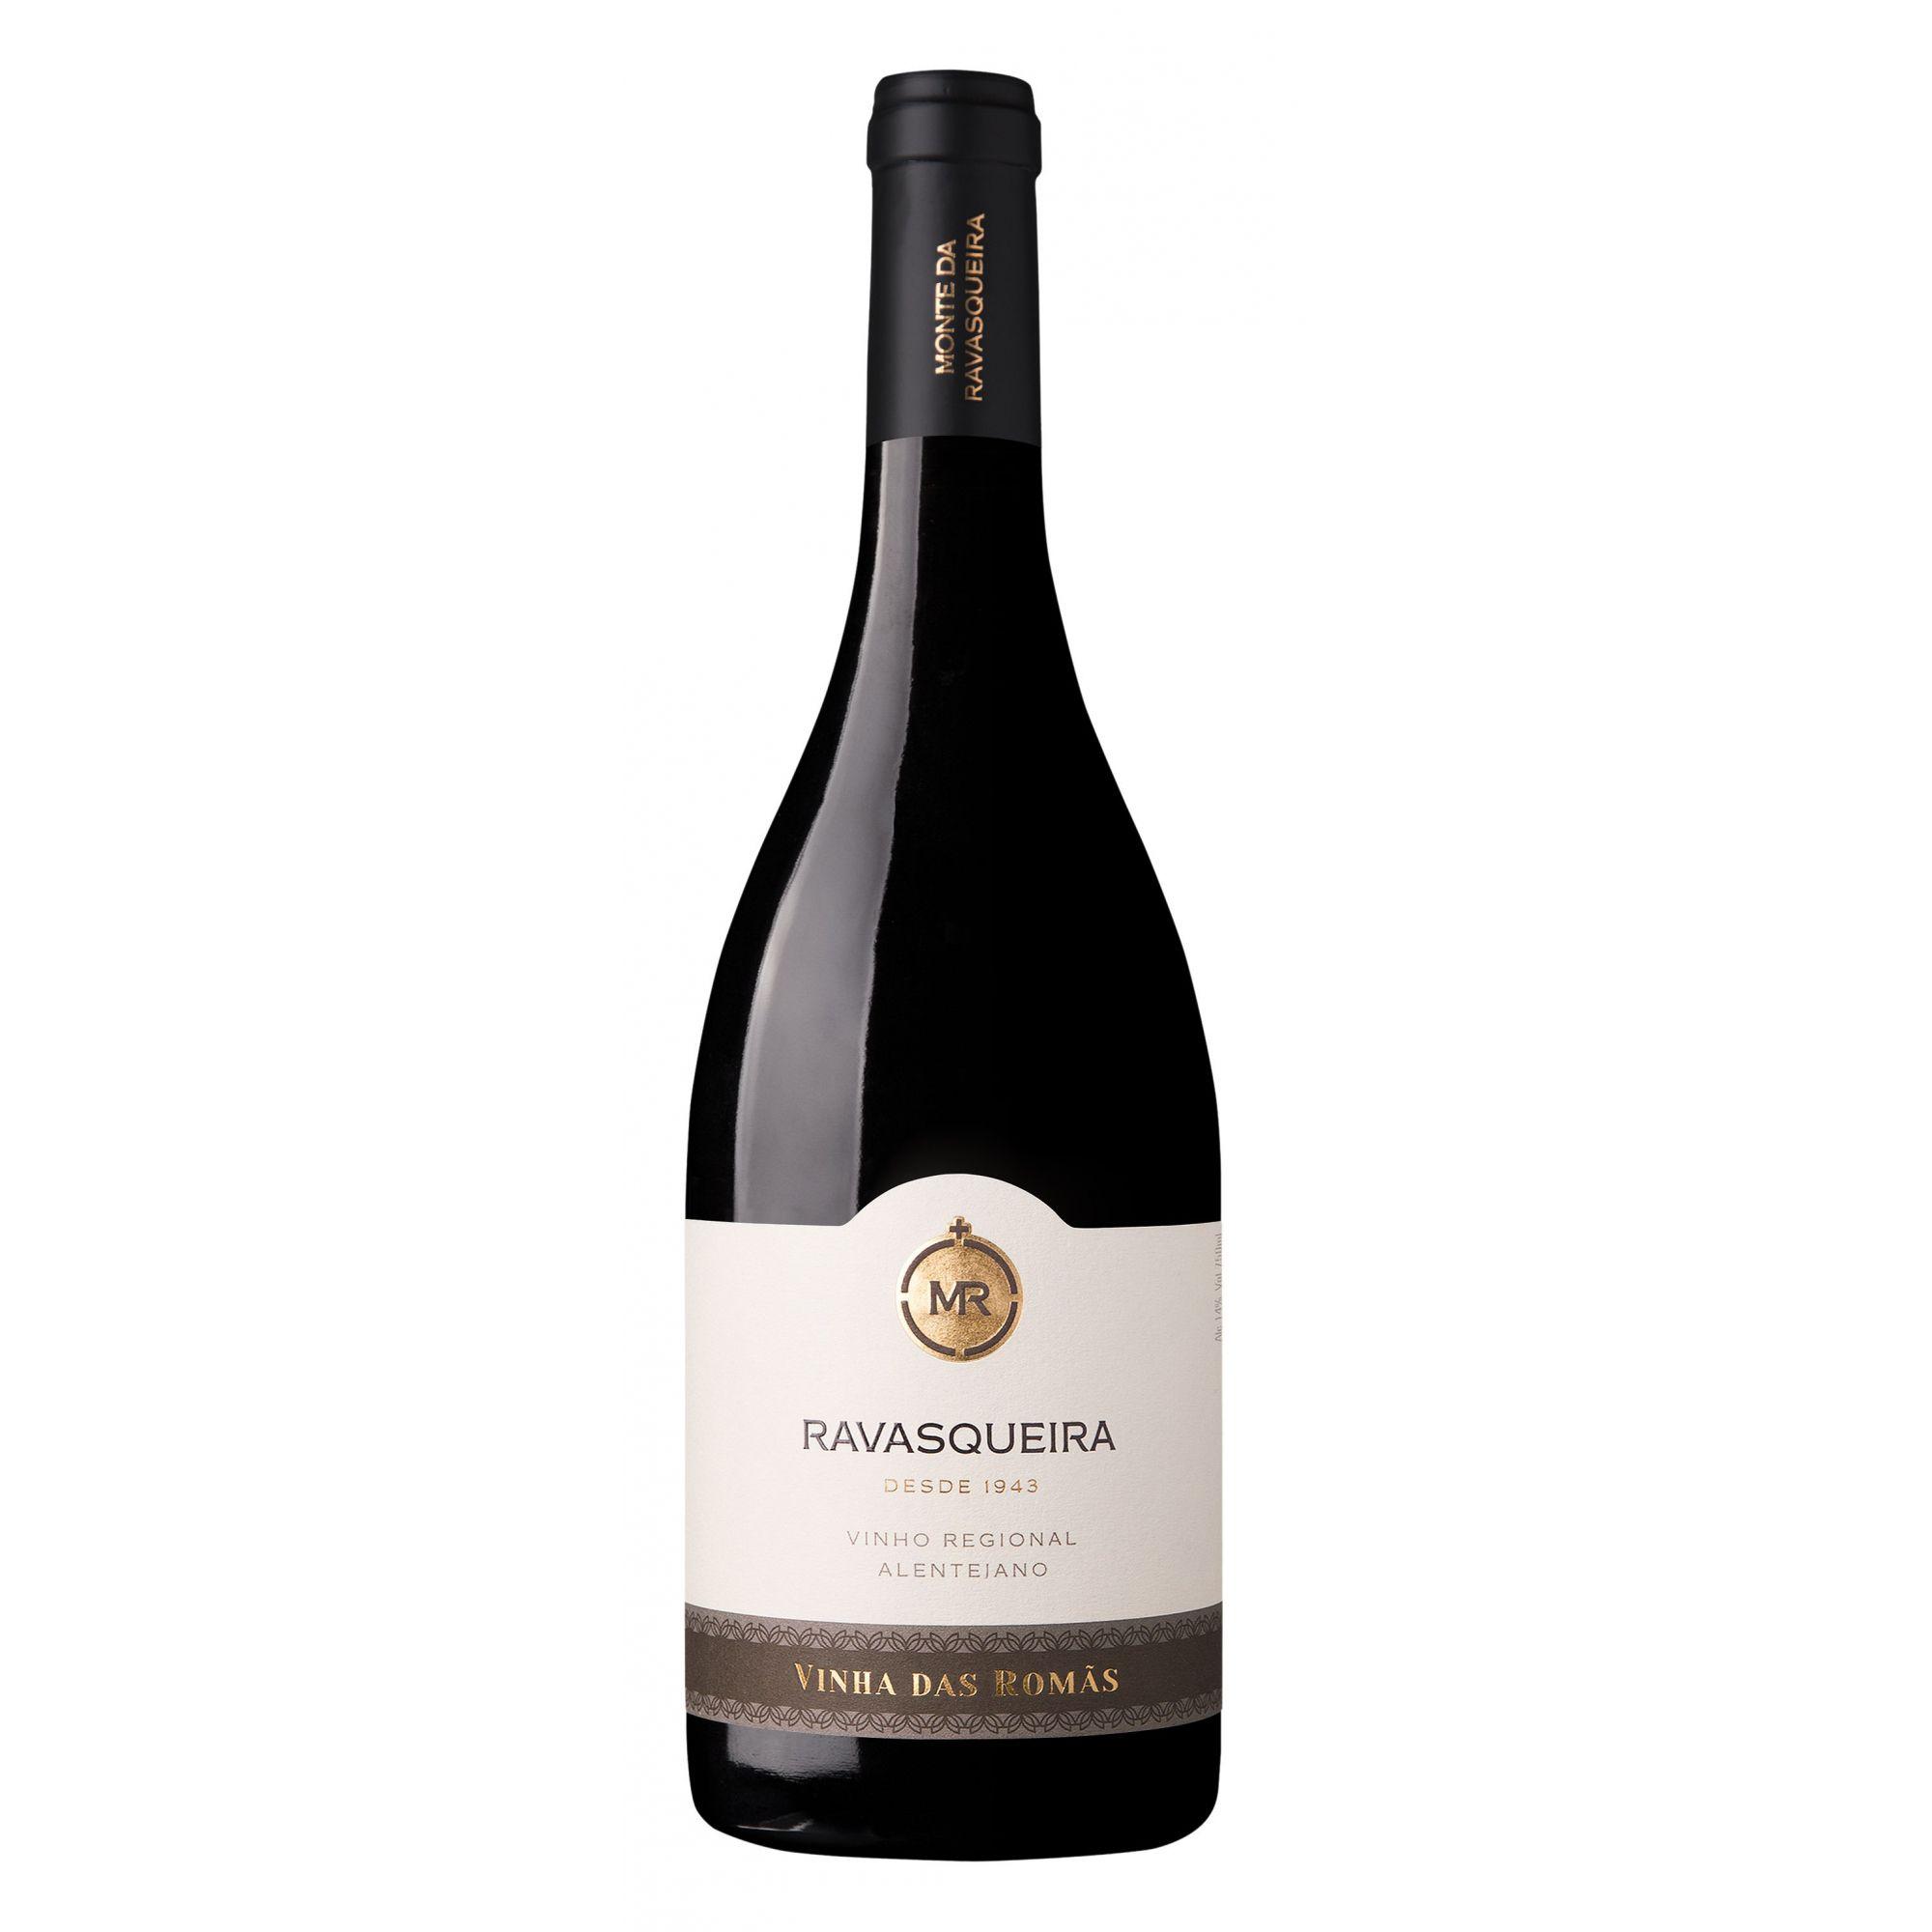 Vinho Ravasqueira Vinha das Romãs 2016